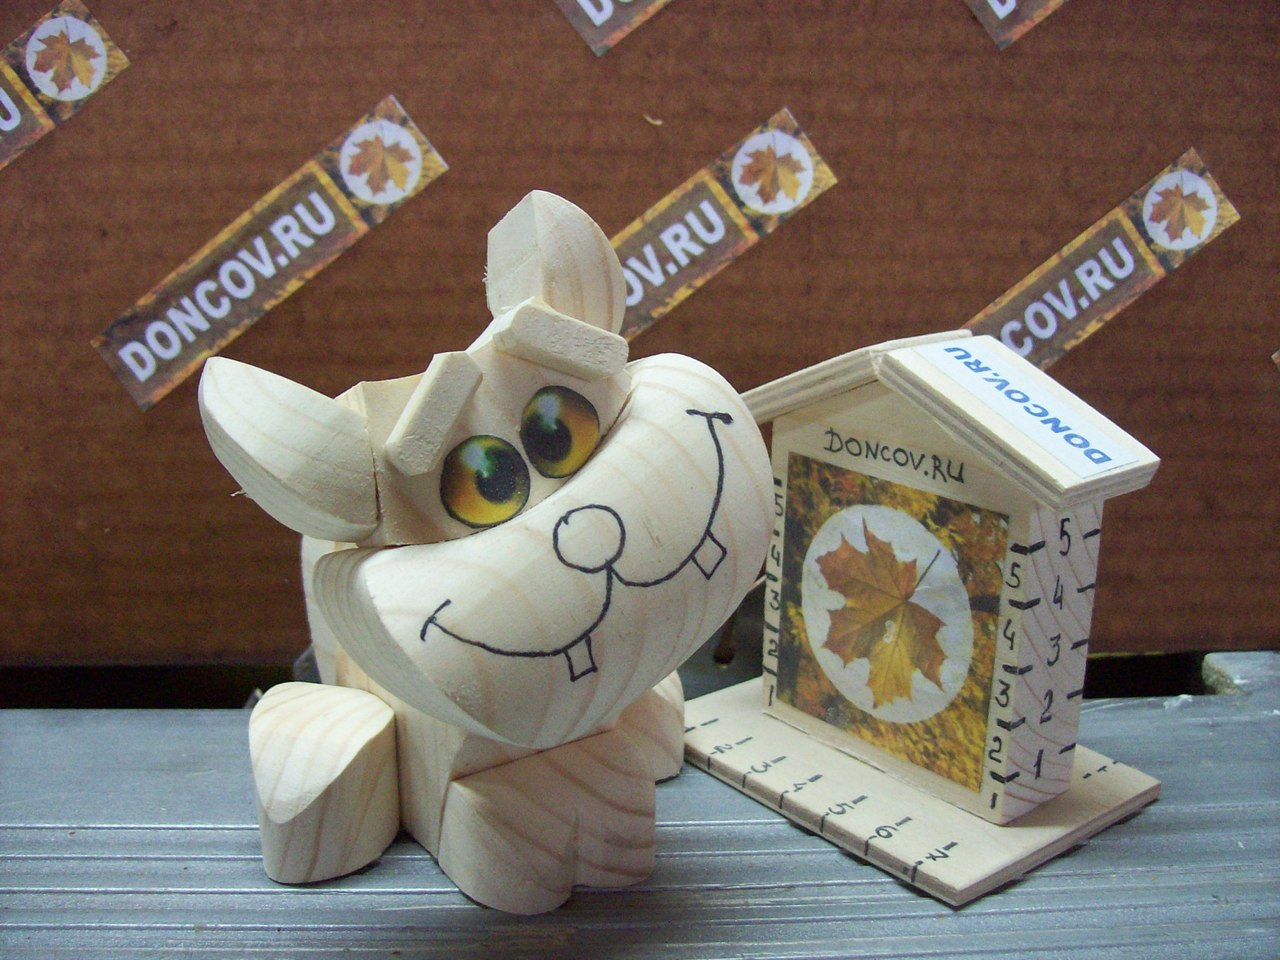 купить, деревянная игрушка, недорого, эко-сувенир, сувенир, эко-игрушка сувенир, ручная работа, эксклюзив, деревянное изделие, недорогой подарок. забавный подарок, натуральное дерево, интересный подарок